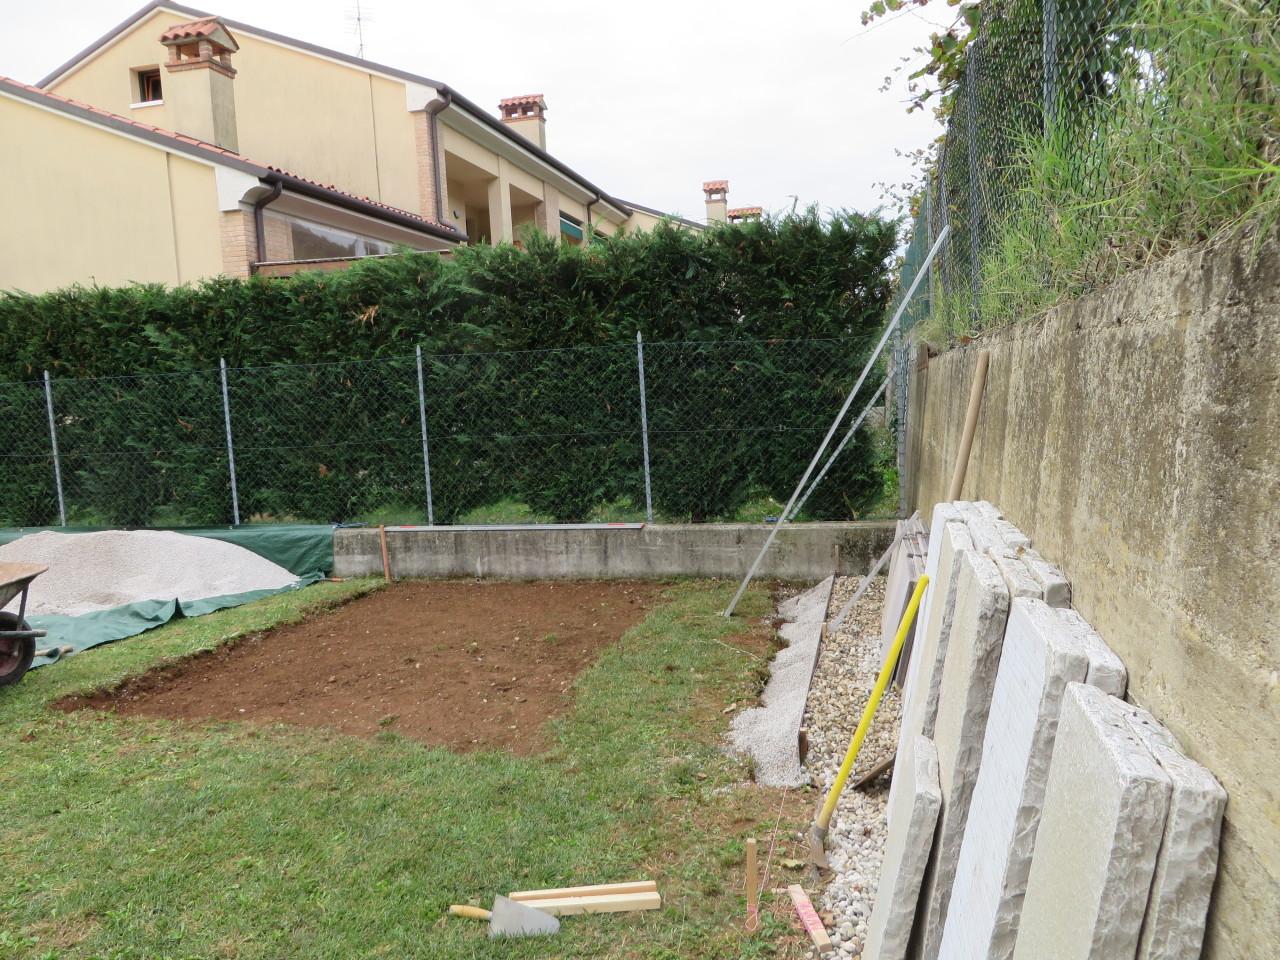 Realizzare un basamento per casette di legno - Pavimentazione giardino senza cemento ...